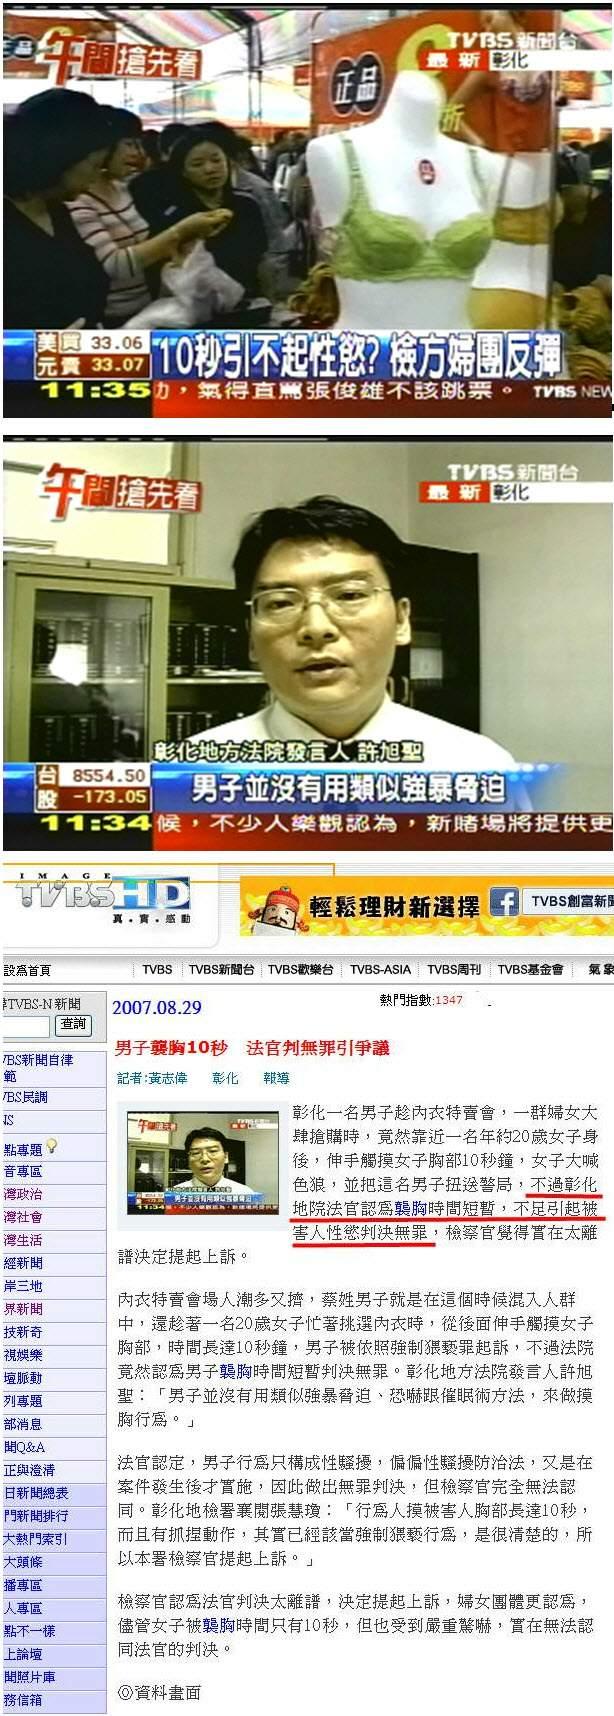 男子襲胸10秒 法官判無罪引爭議 -2007.08.29-01